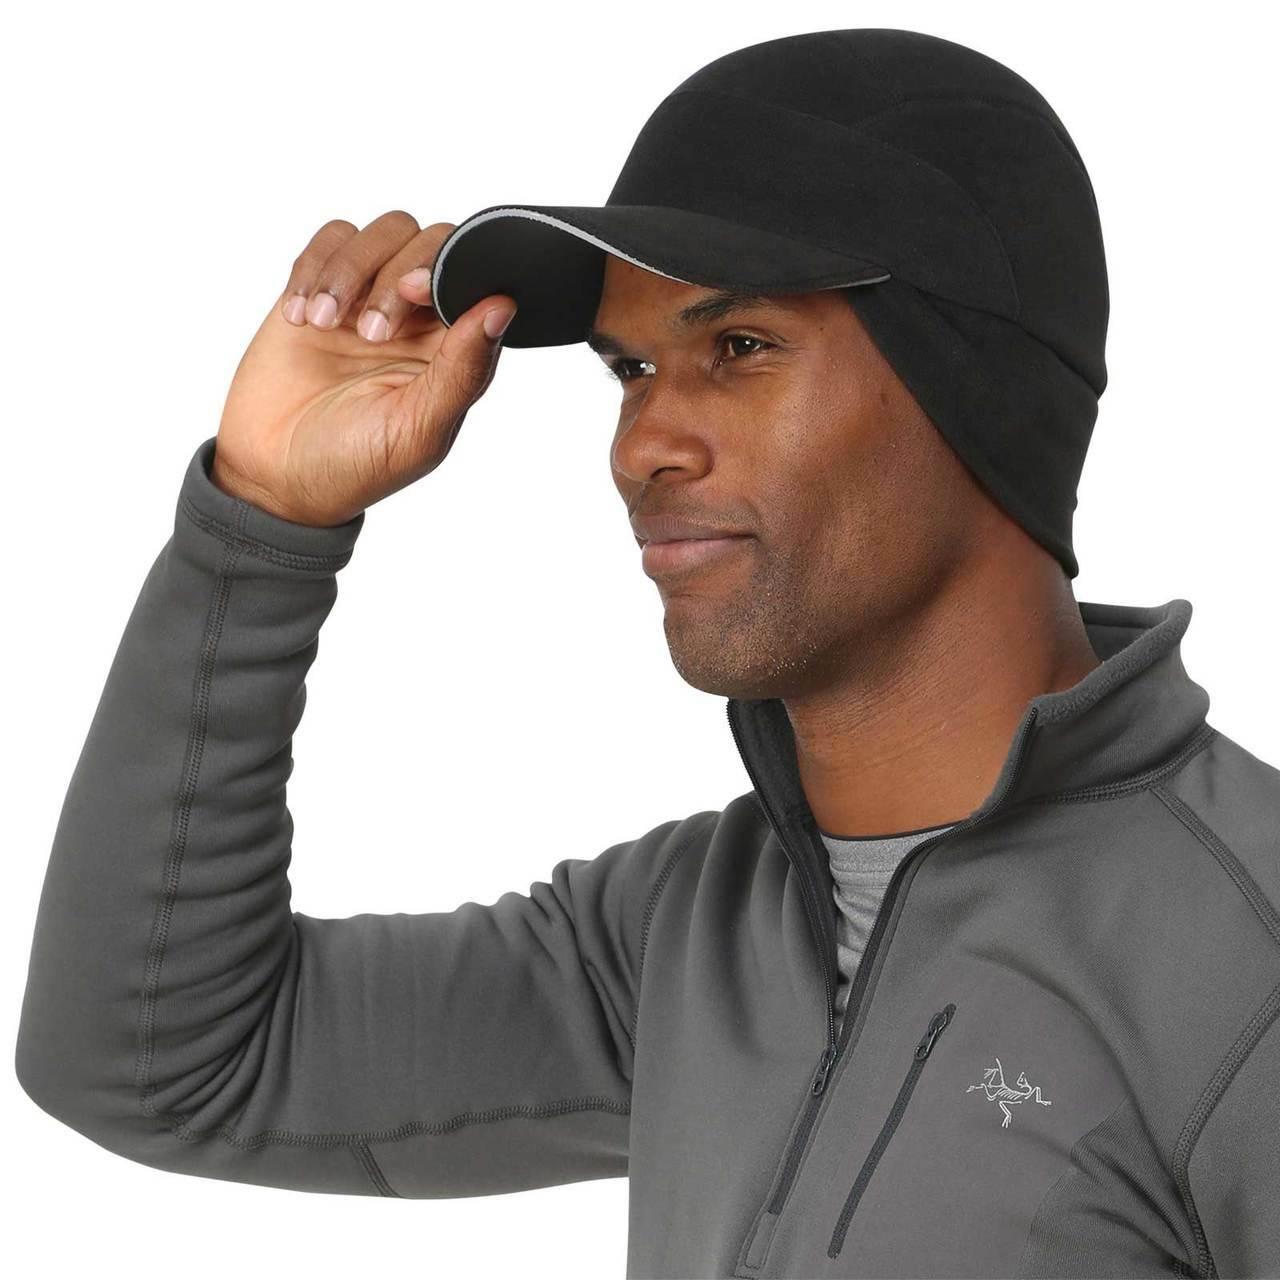 Winter men's hat for running